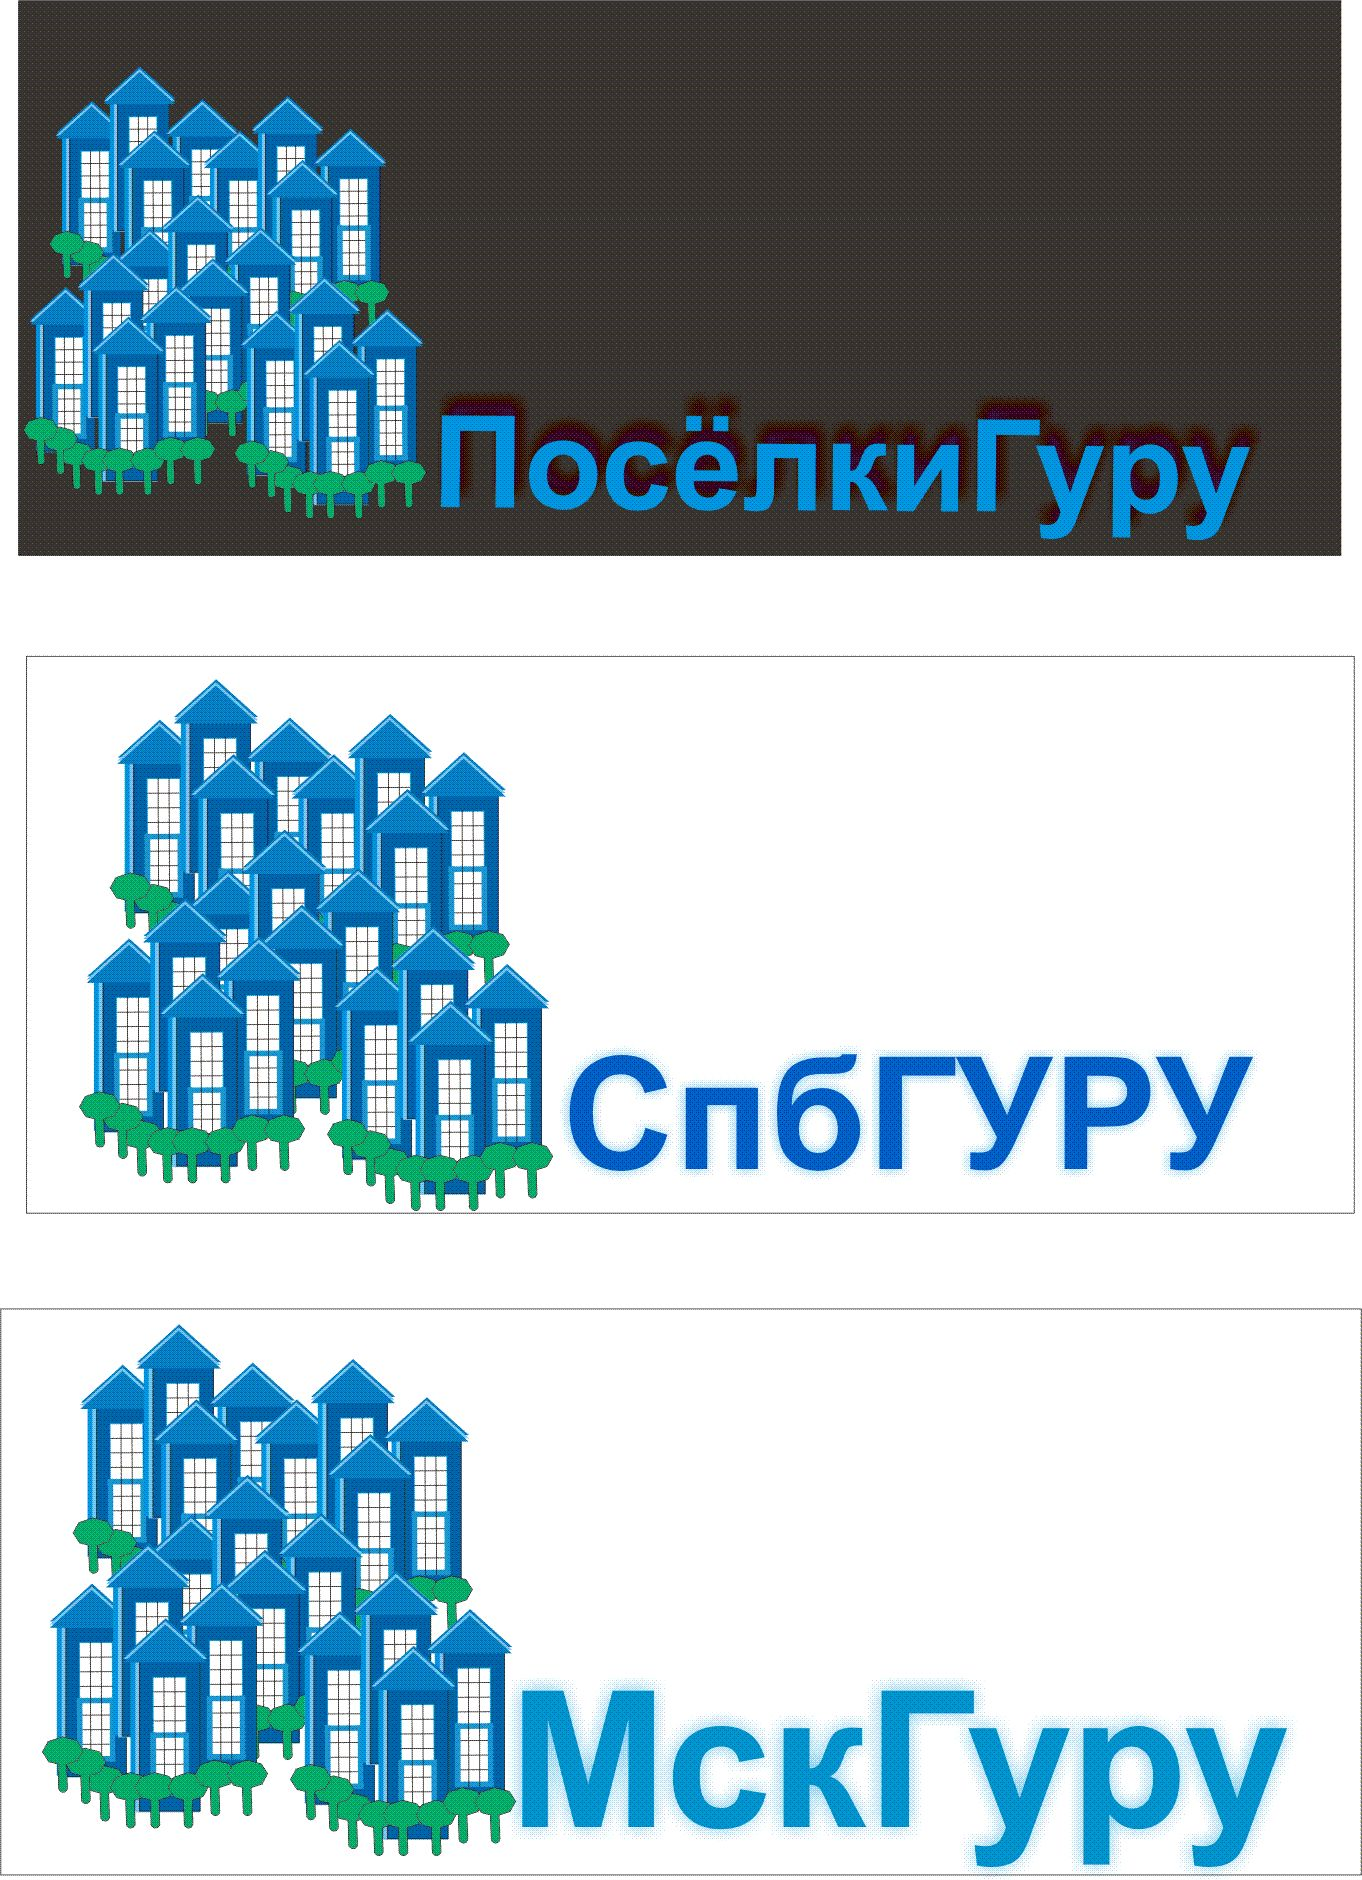 Логотип для порталов по недвижимости - дизайнер oksi49